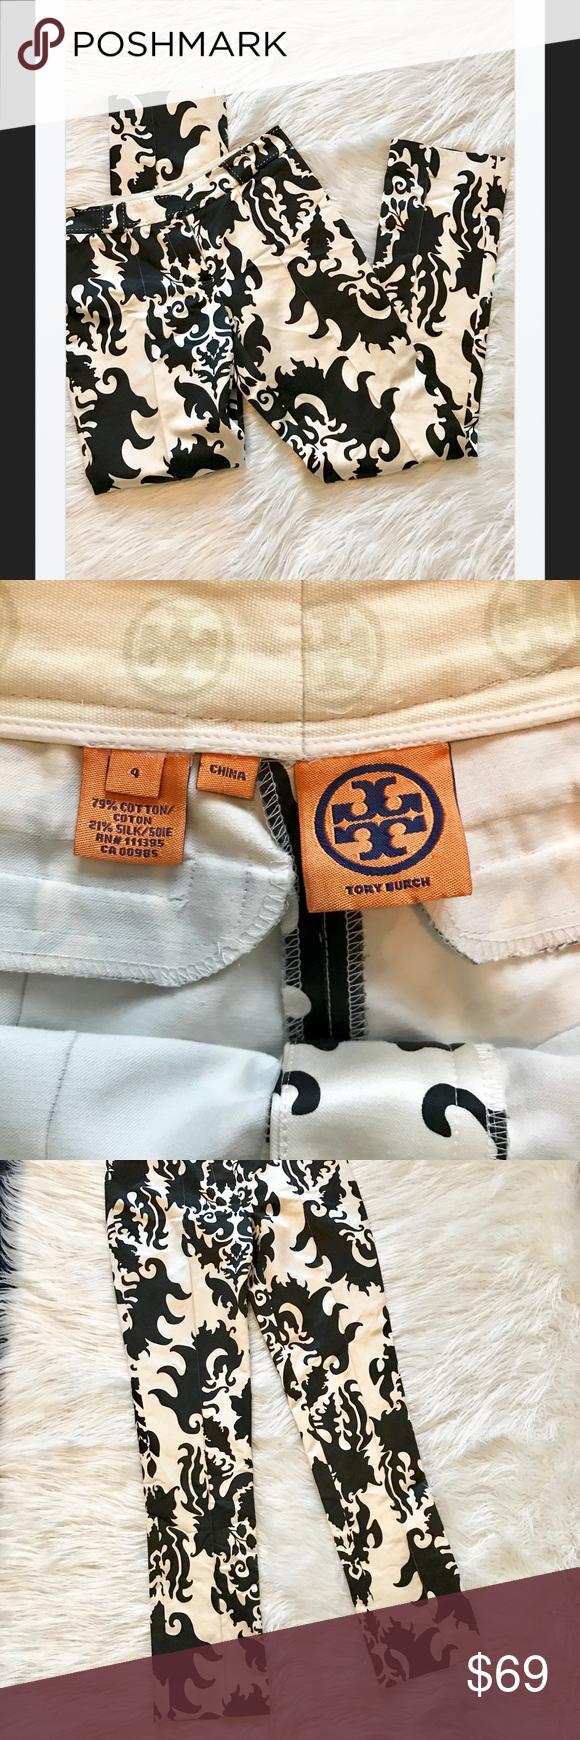 cd86b4386d25 Tory Burch Cotton Silk Blend Print Pants